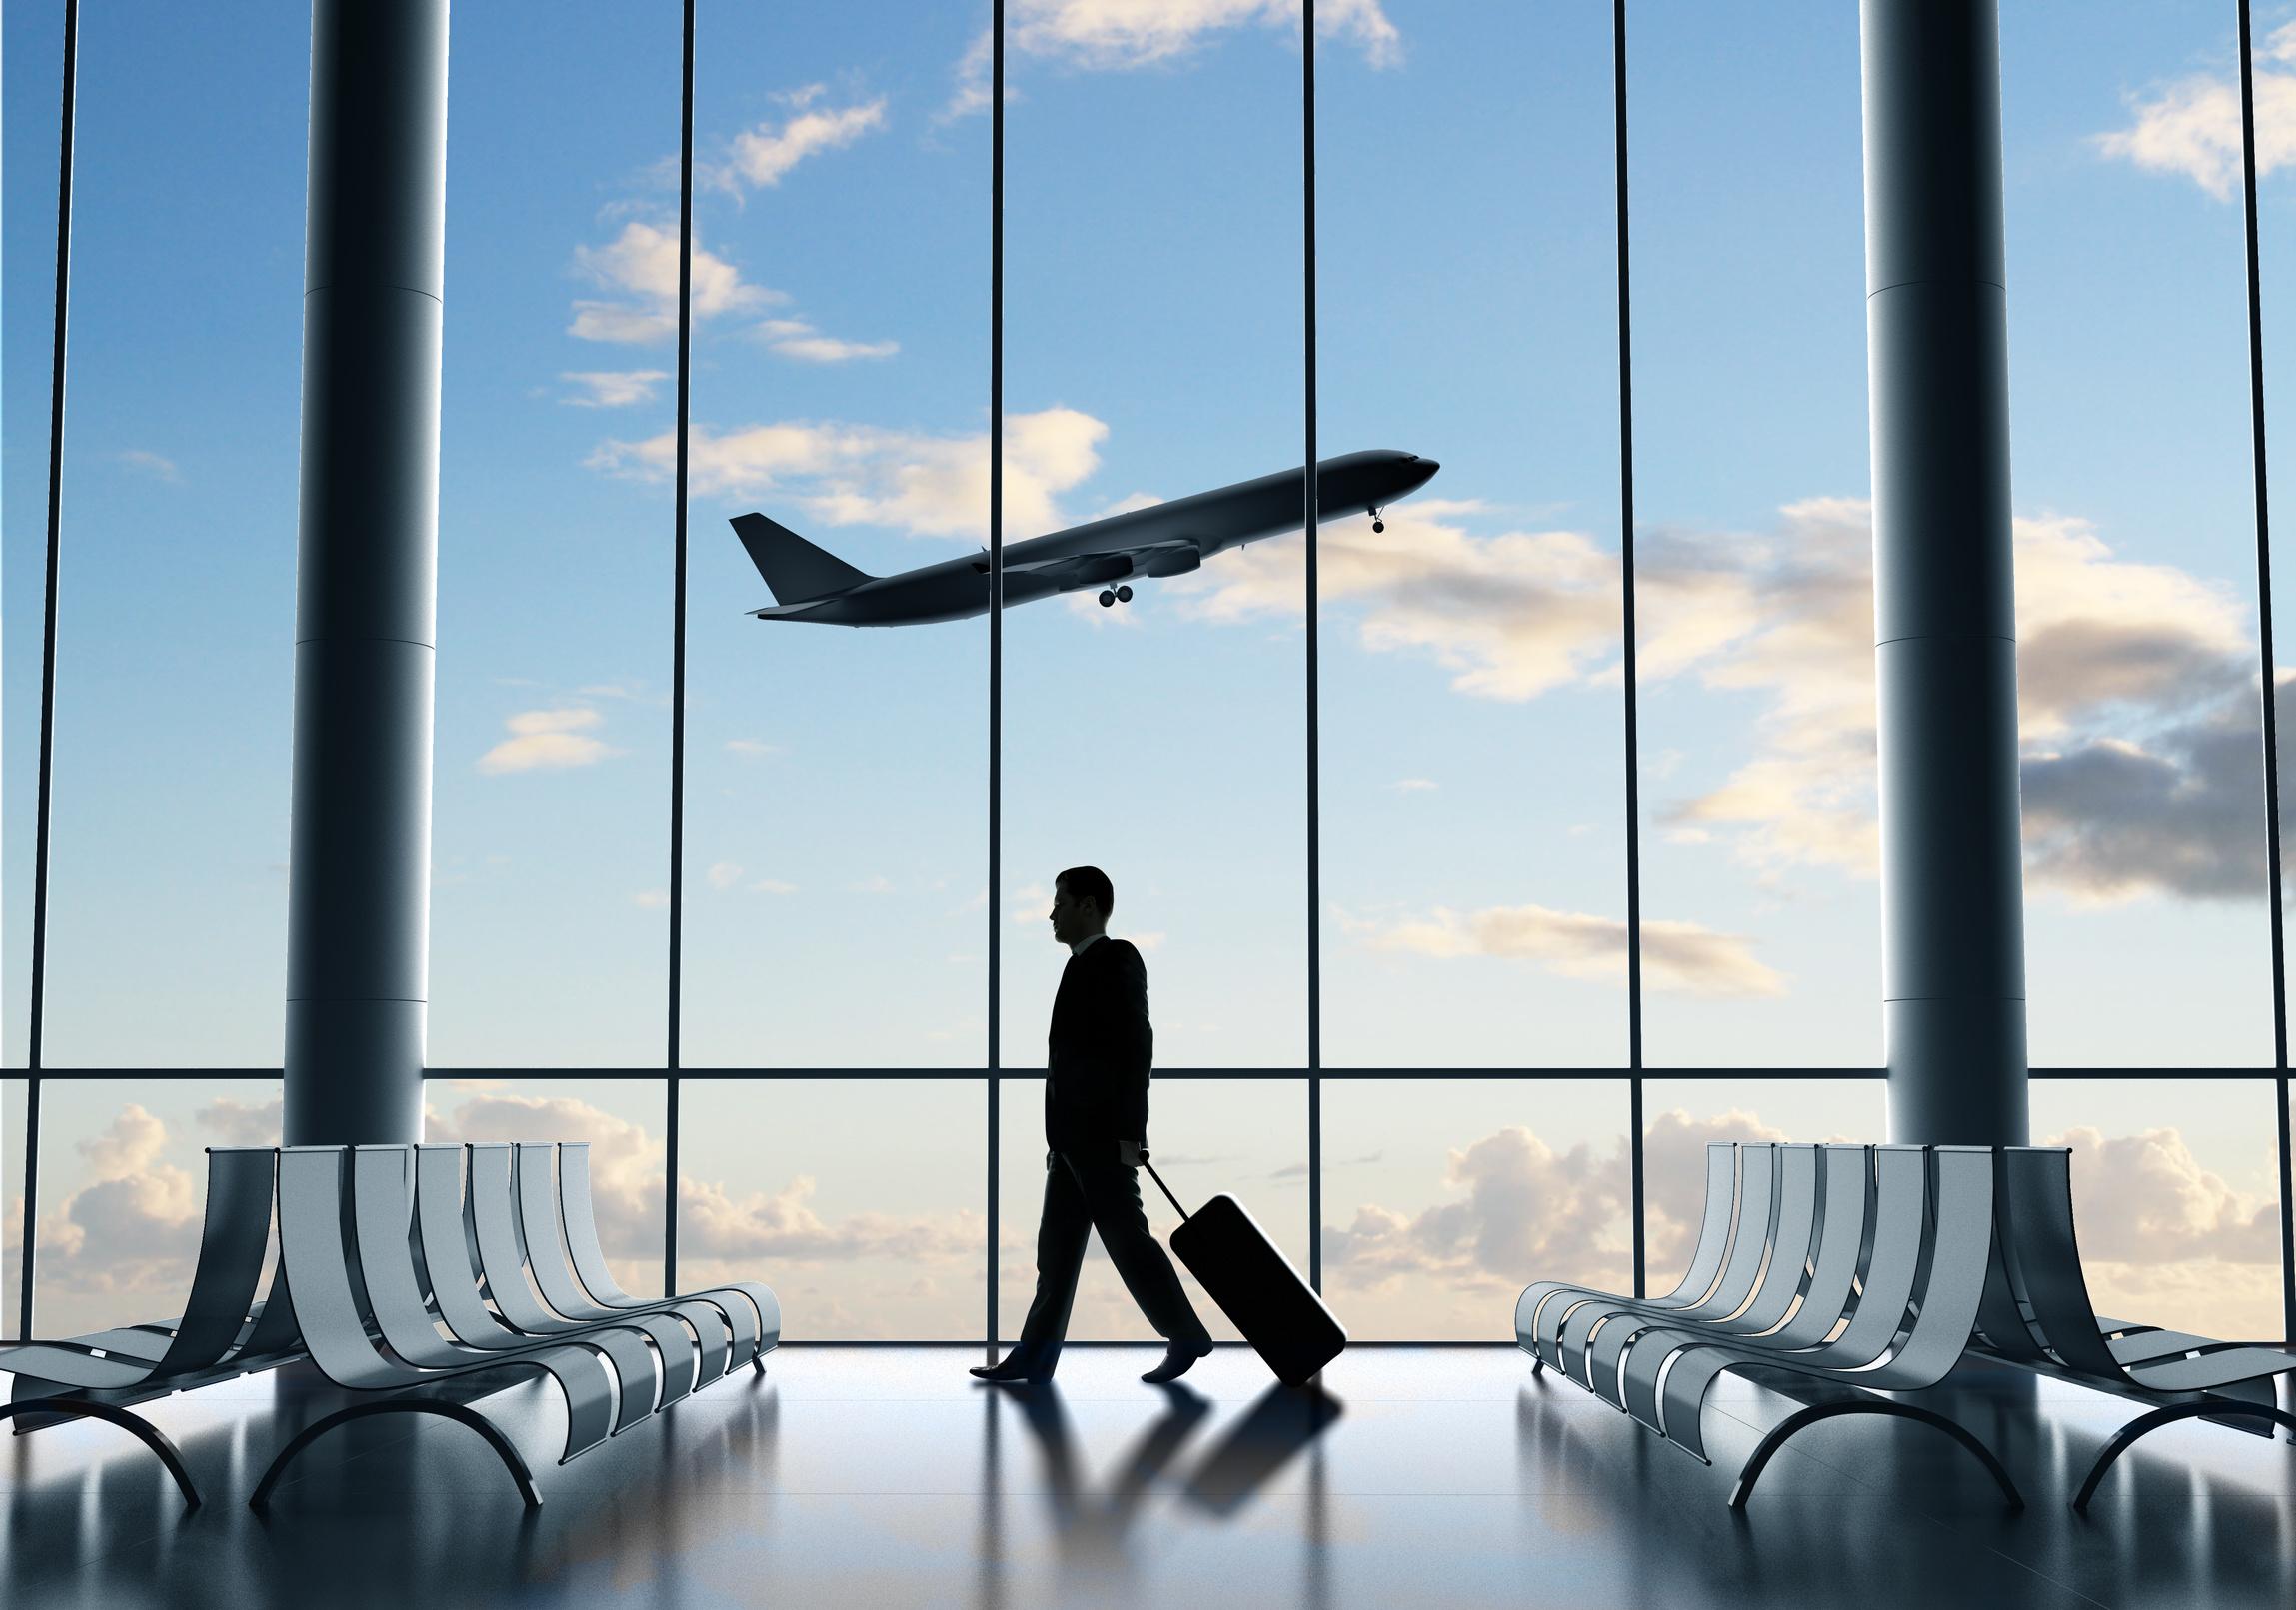 Les acteurs du secteur aérien face aux enjeux écologiques